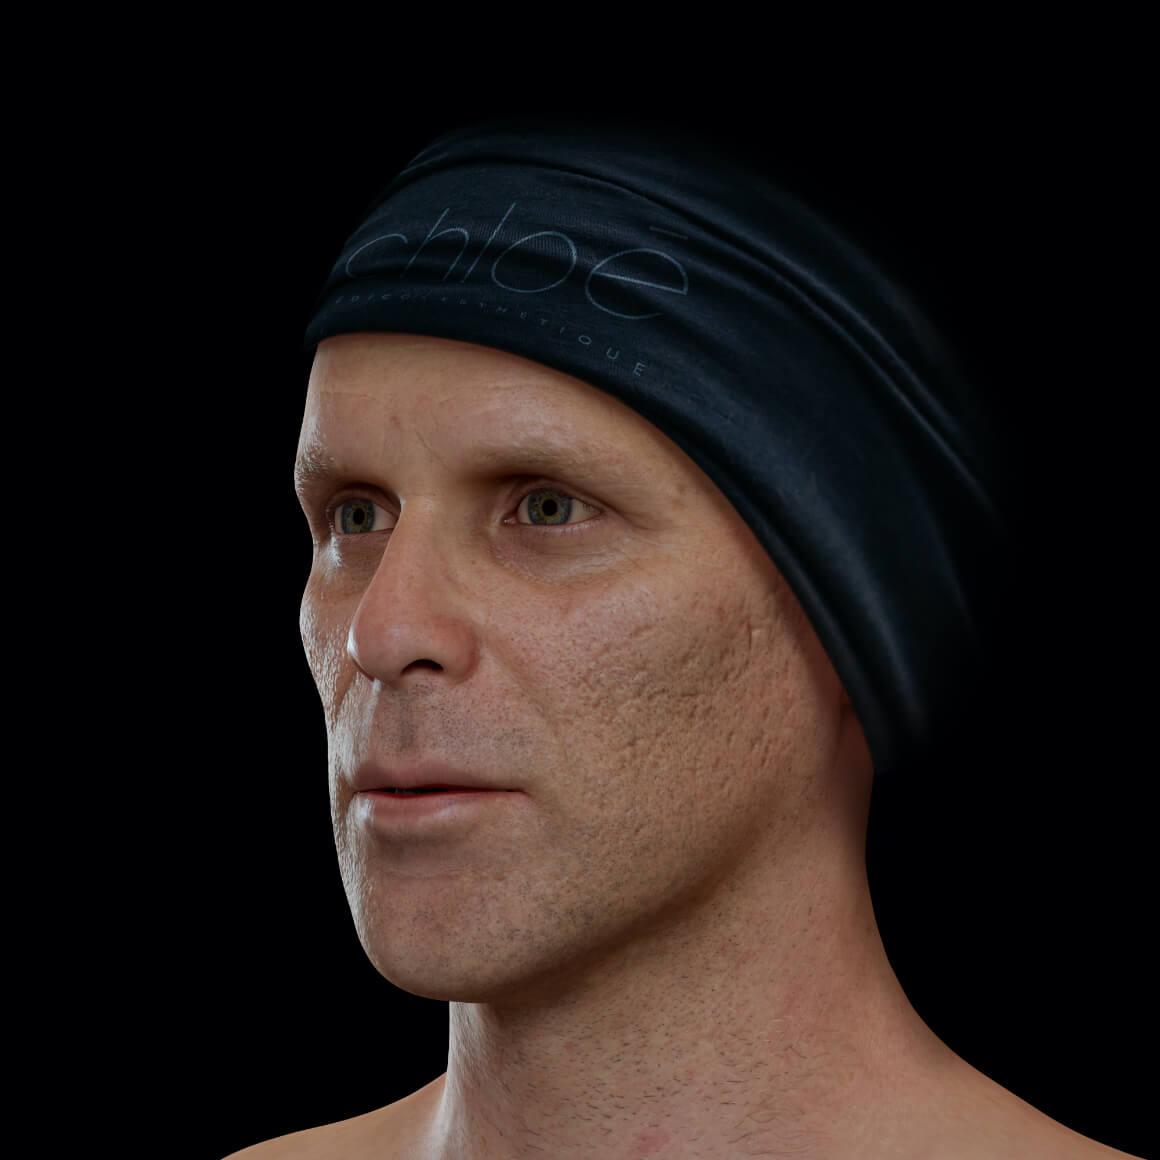 Patient de la Clinique Chloé positionné en angle ayant des cicatrices d'acné sur le visage